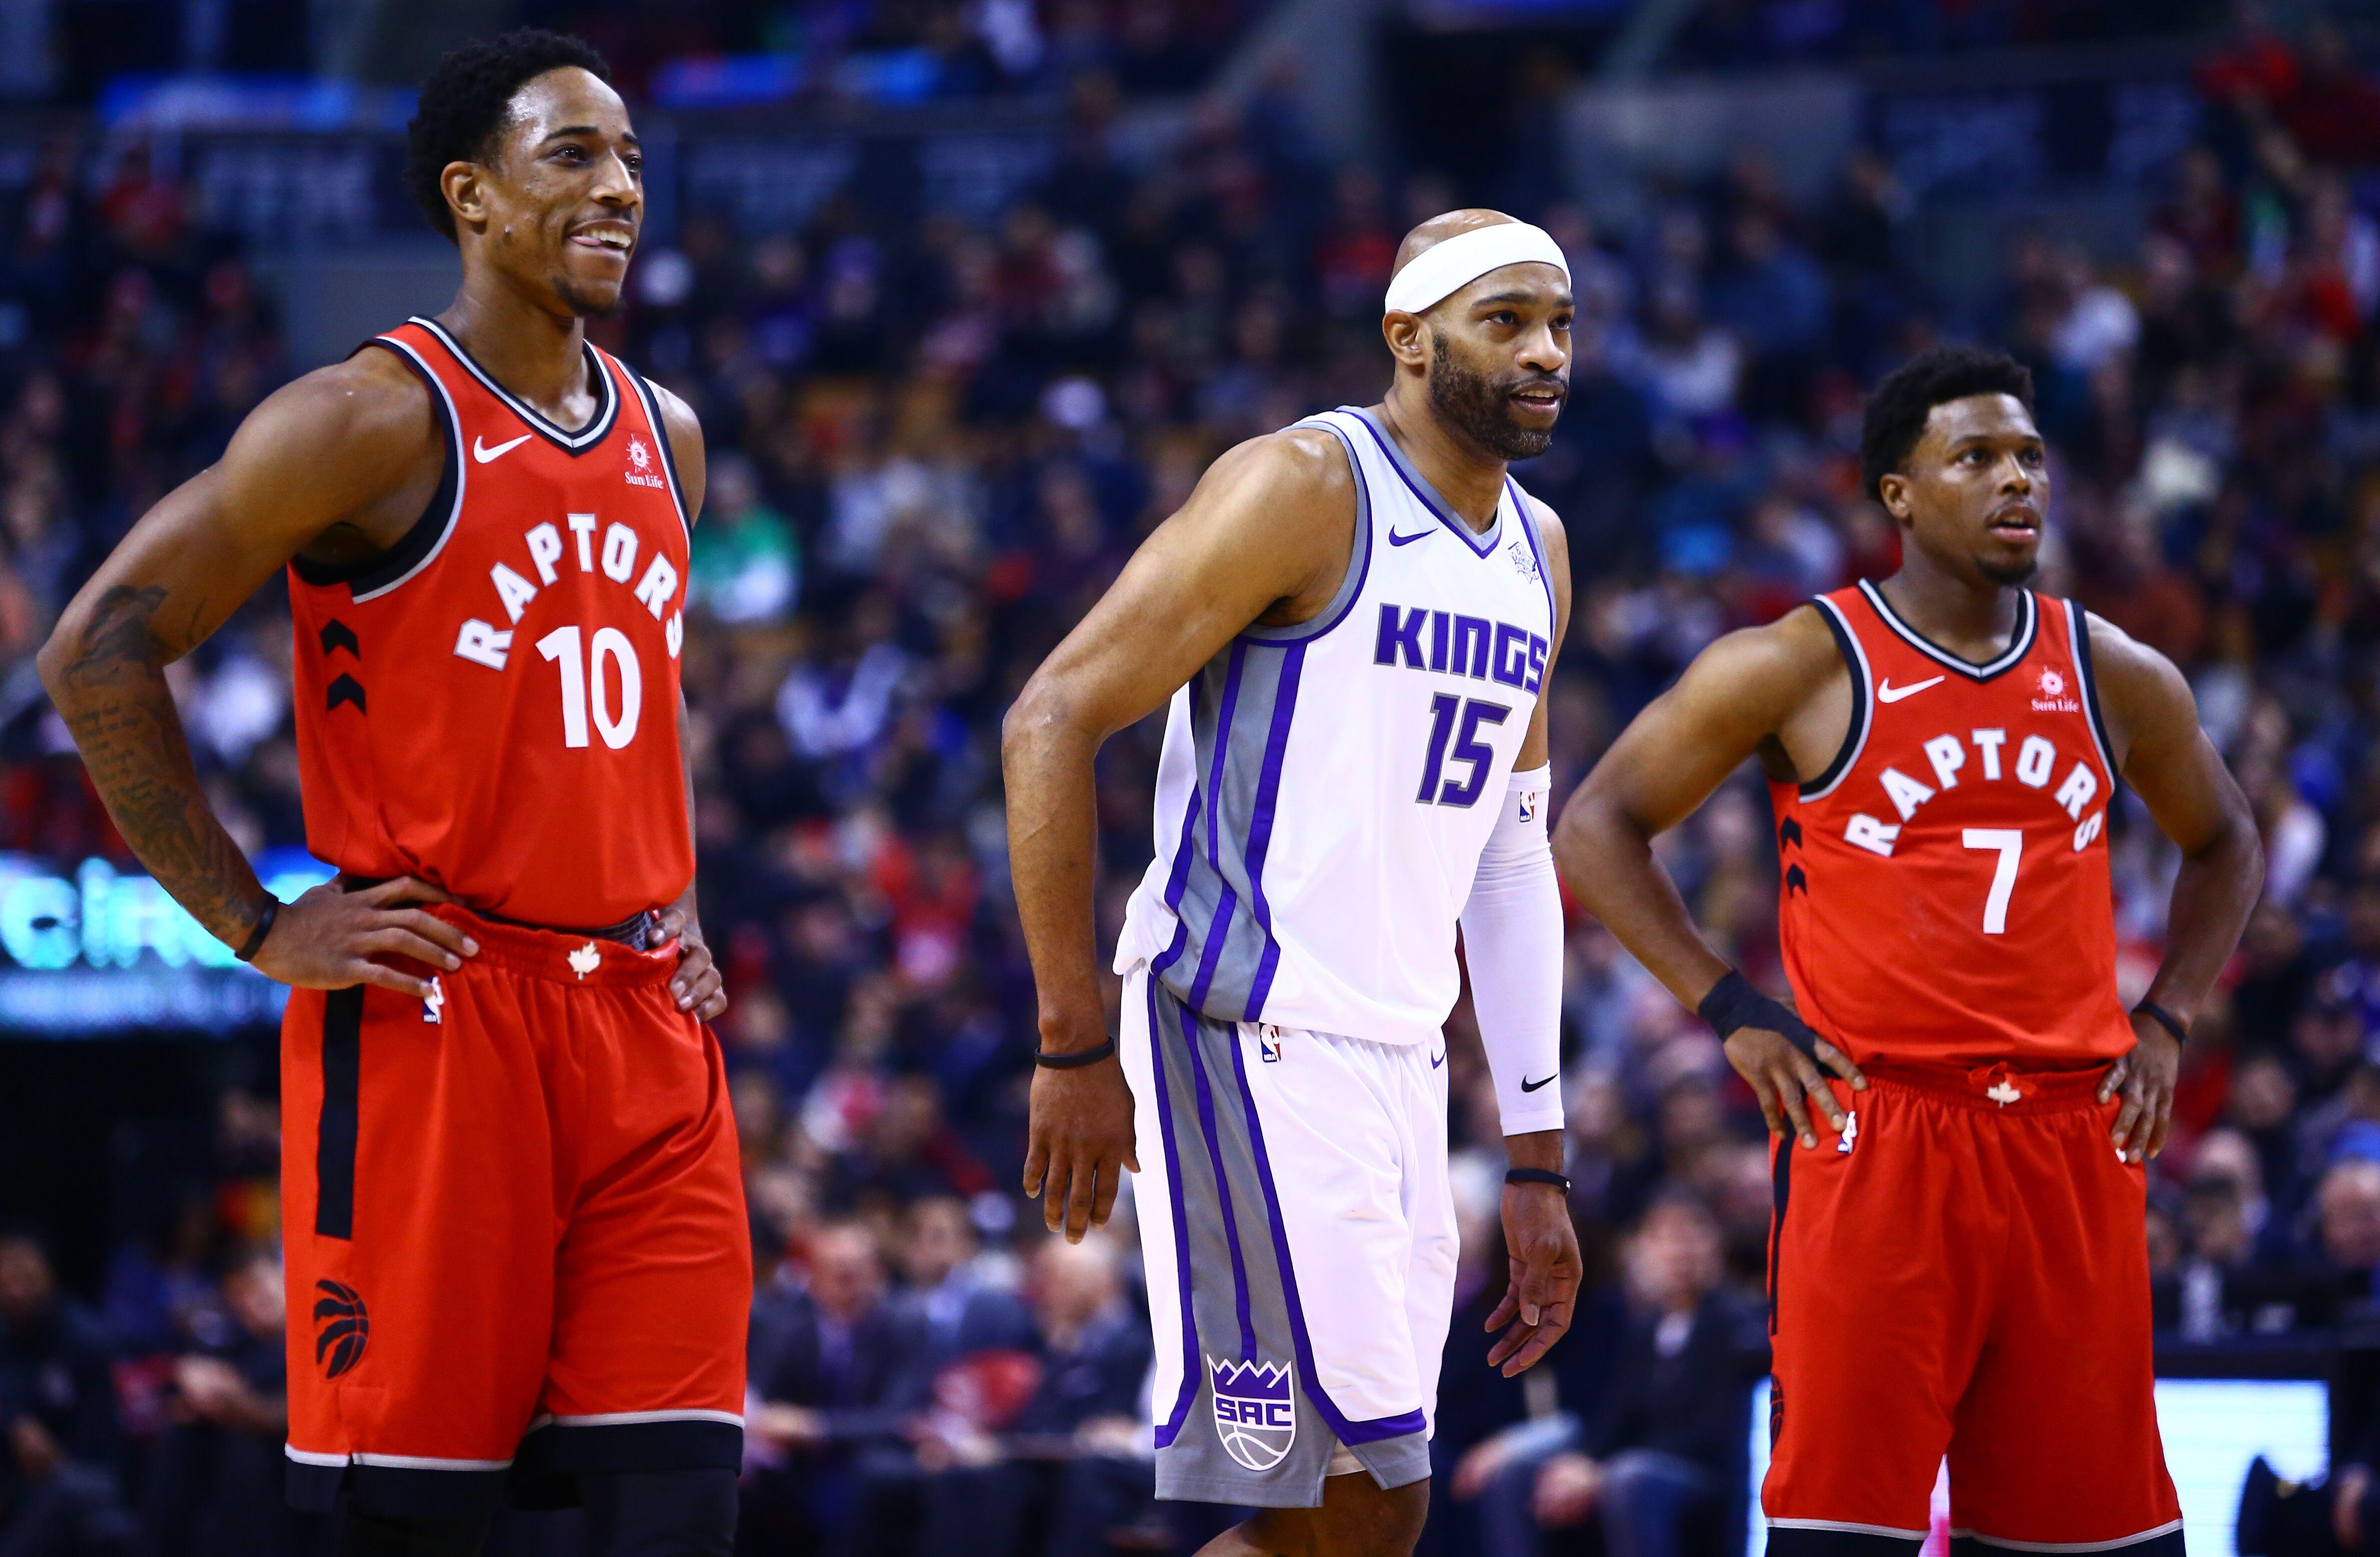 Toronto Raptors: Vince Carter Wants To Return To Toronto Raptors